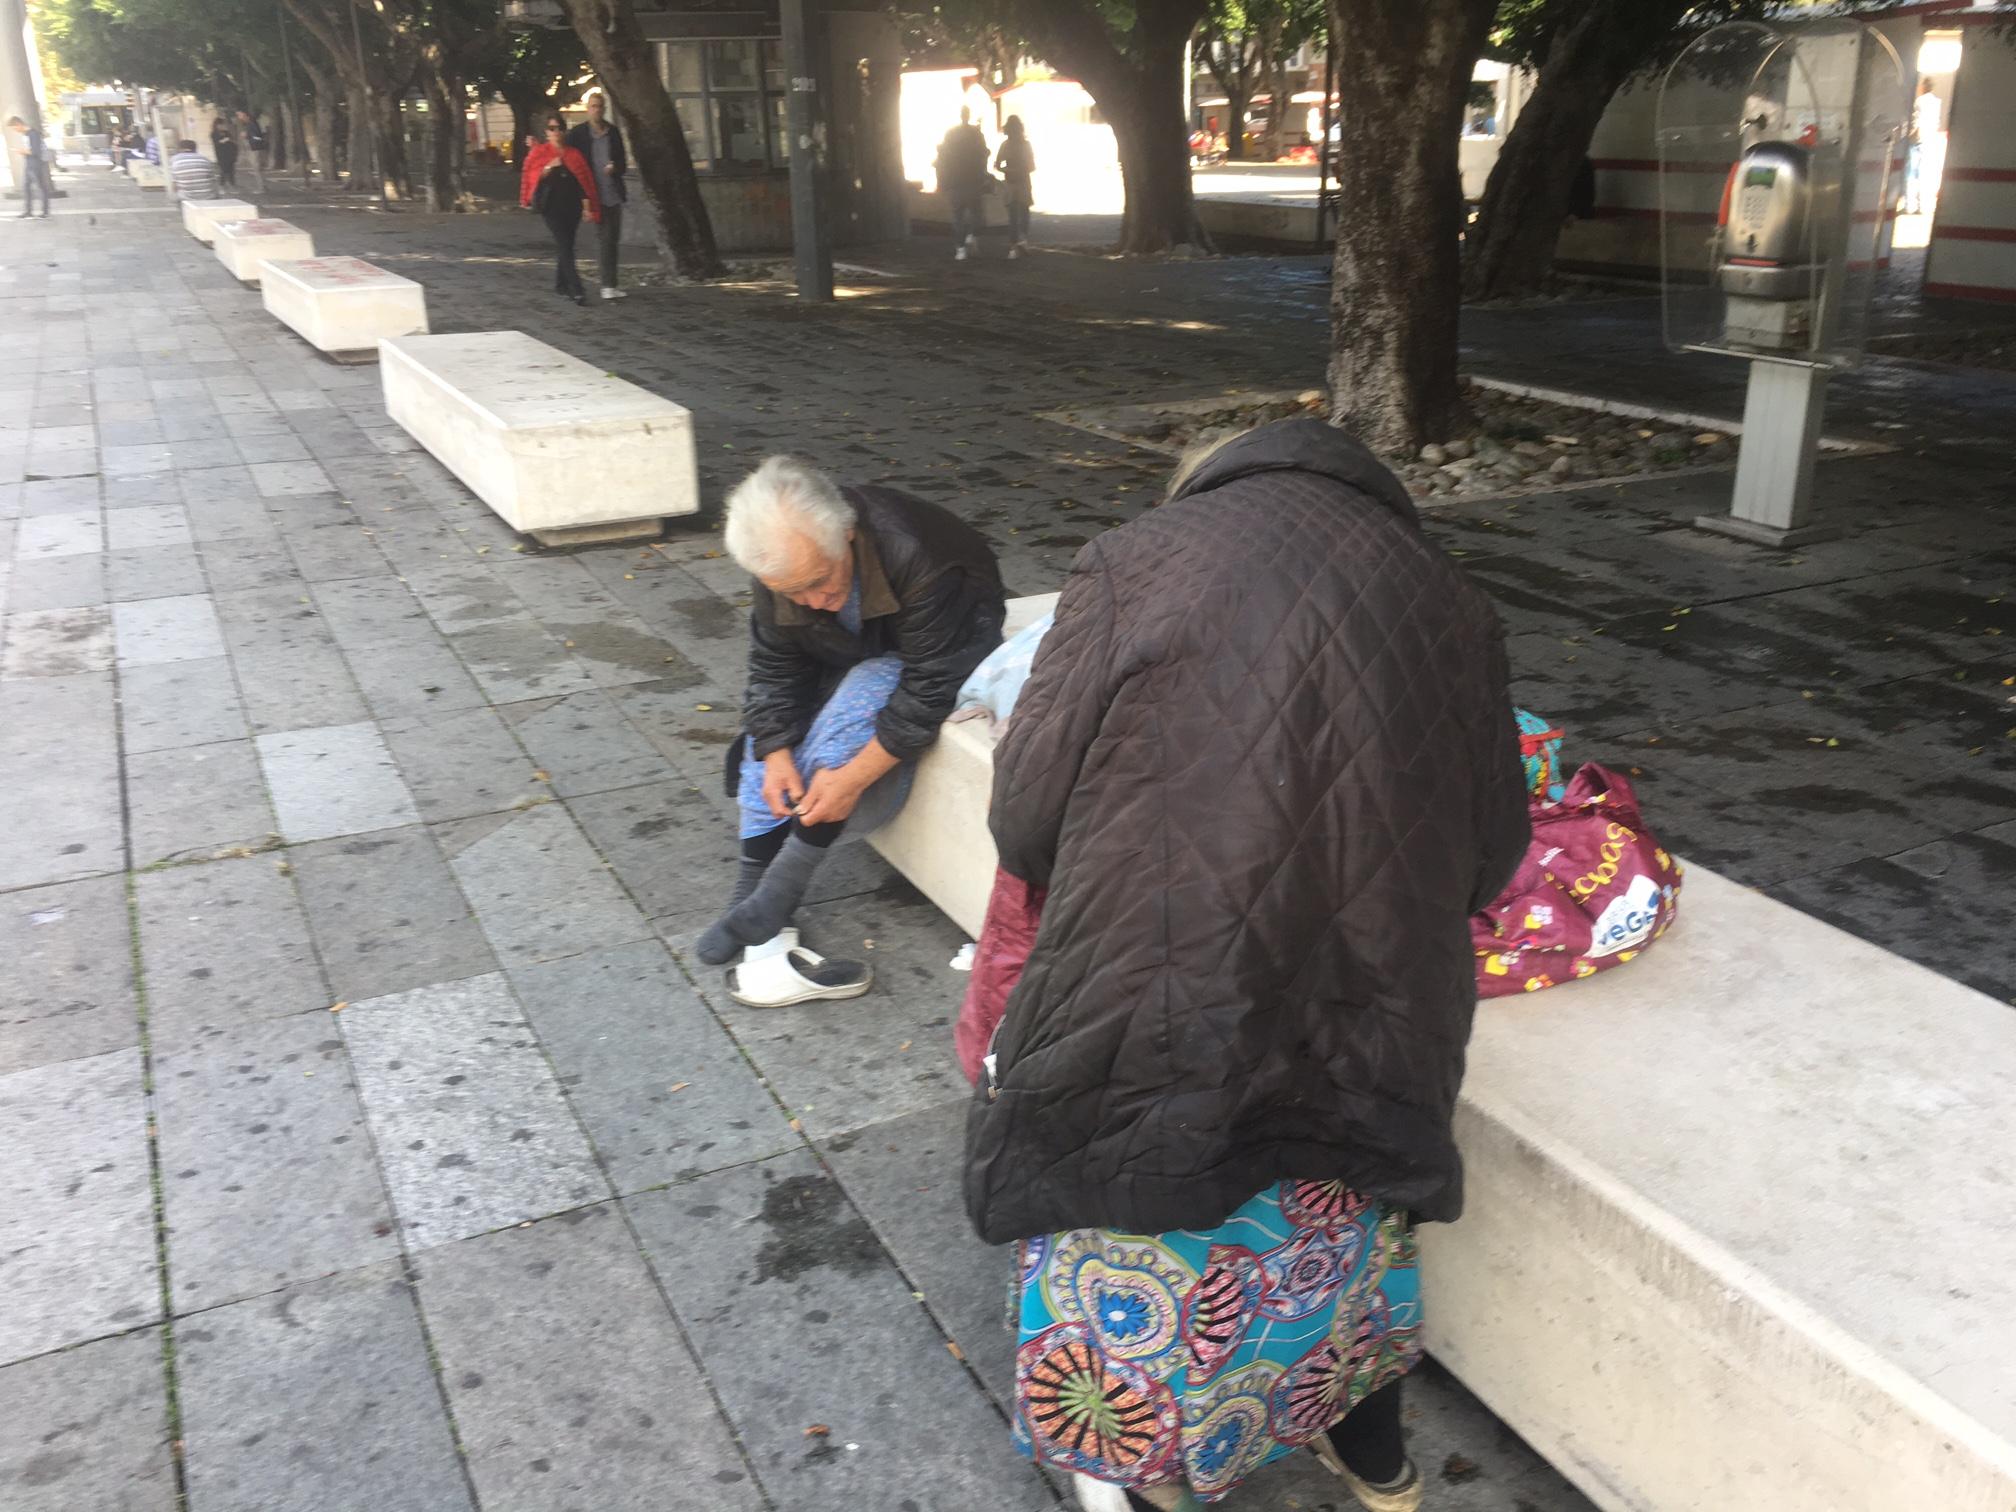 Emergenza freddo, attivato piano per i senzatetto